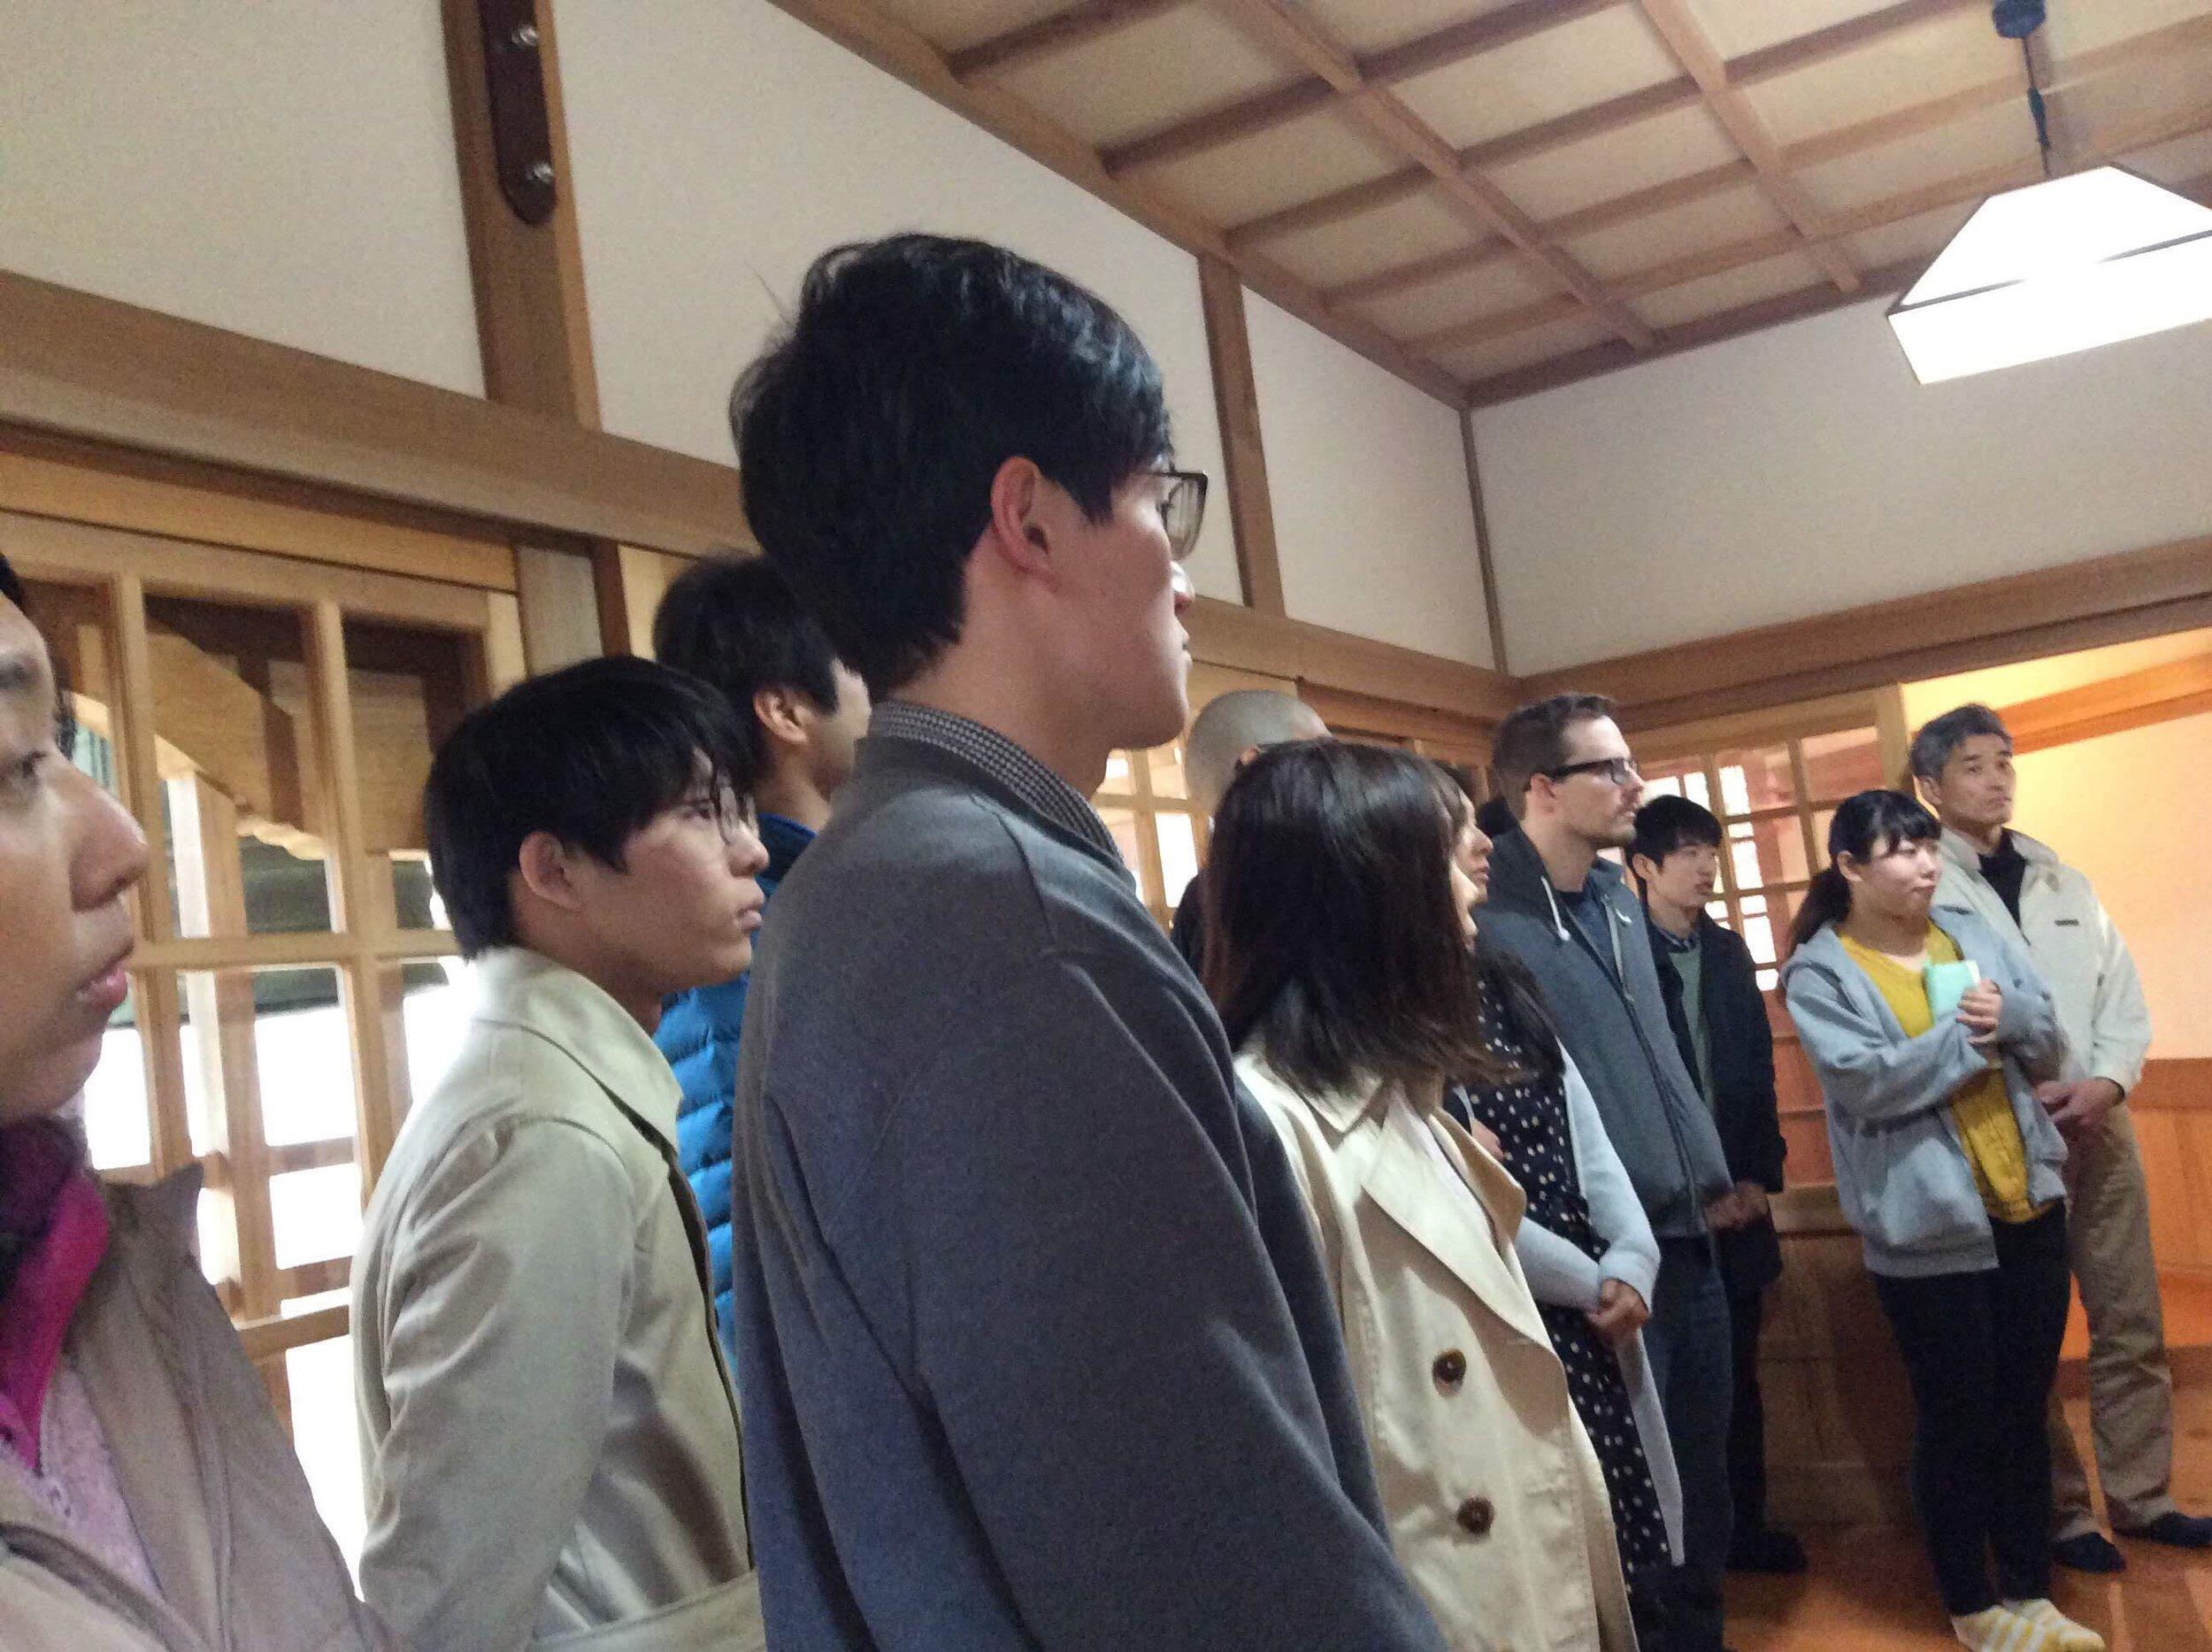 お寺の拝観中の参加者 / Participants in the temple tour